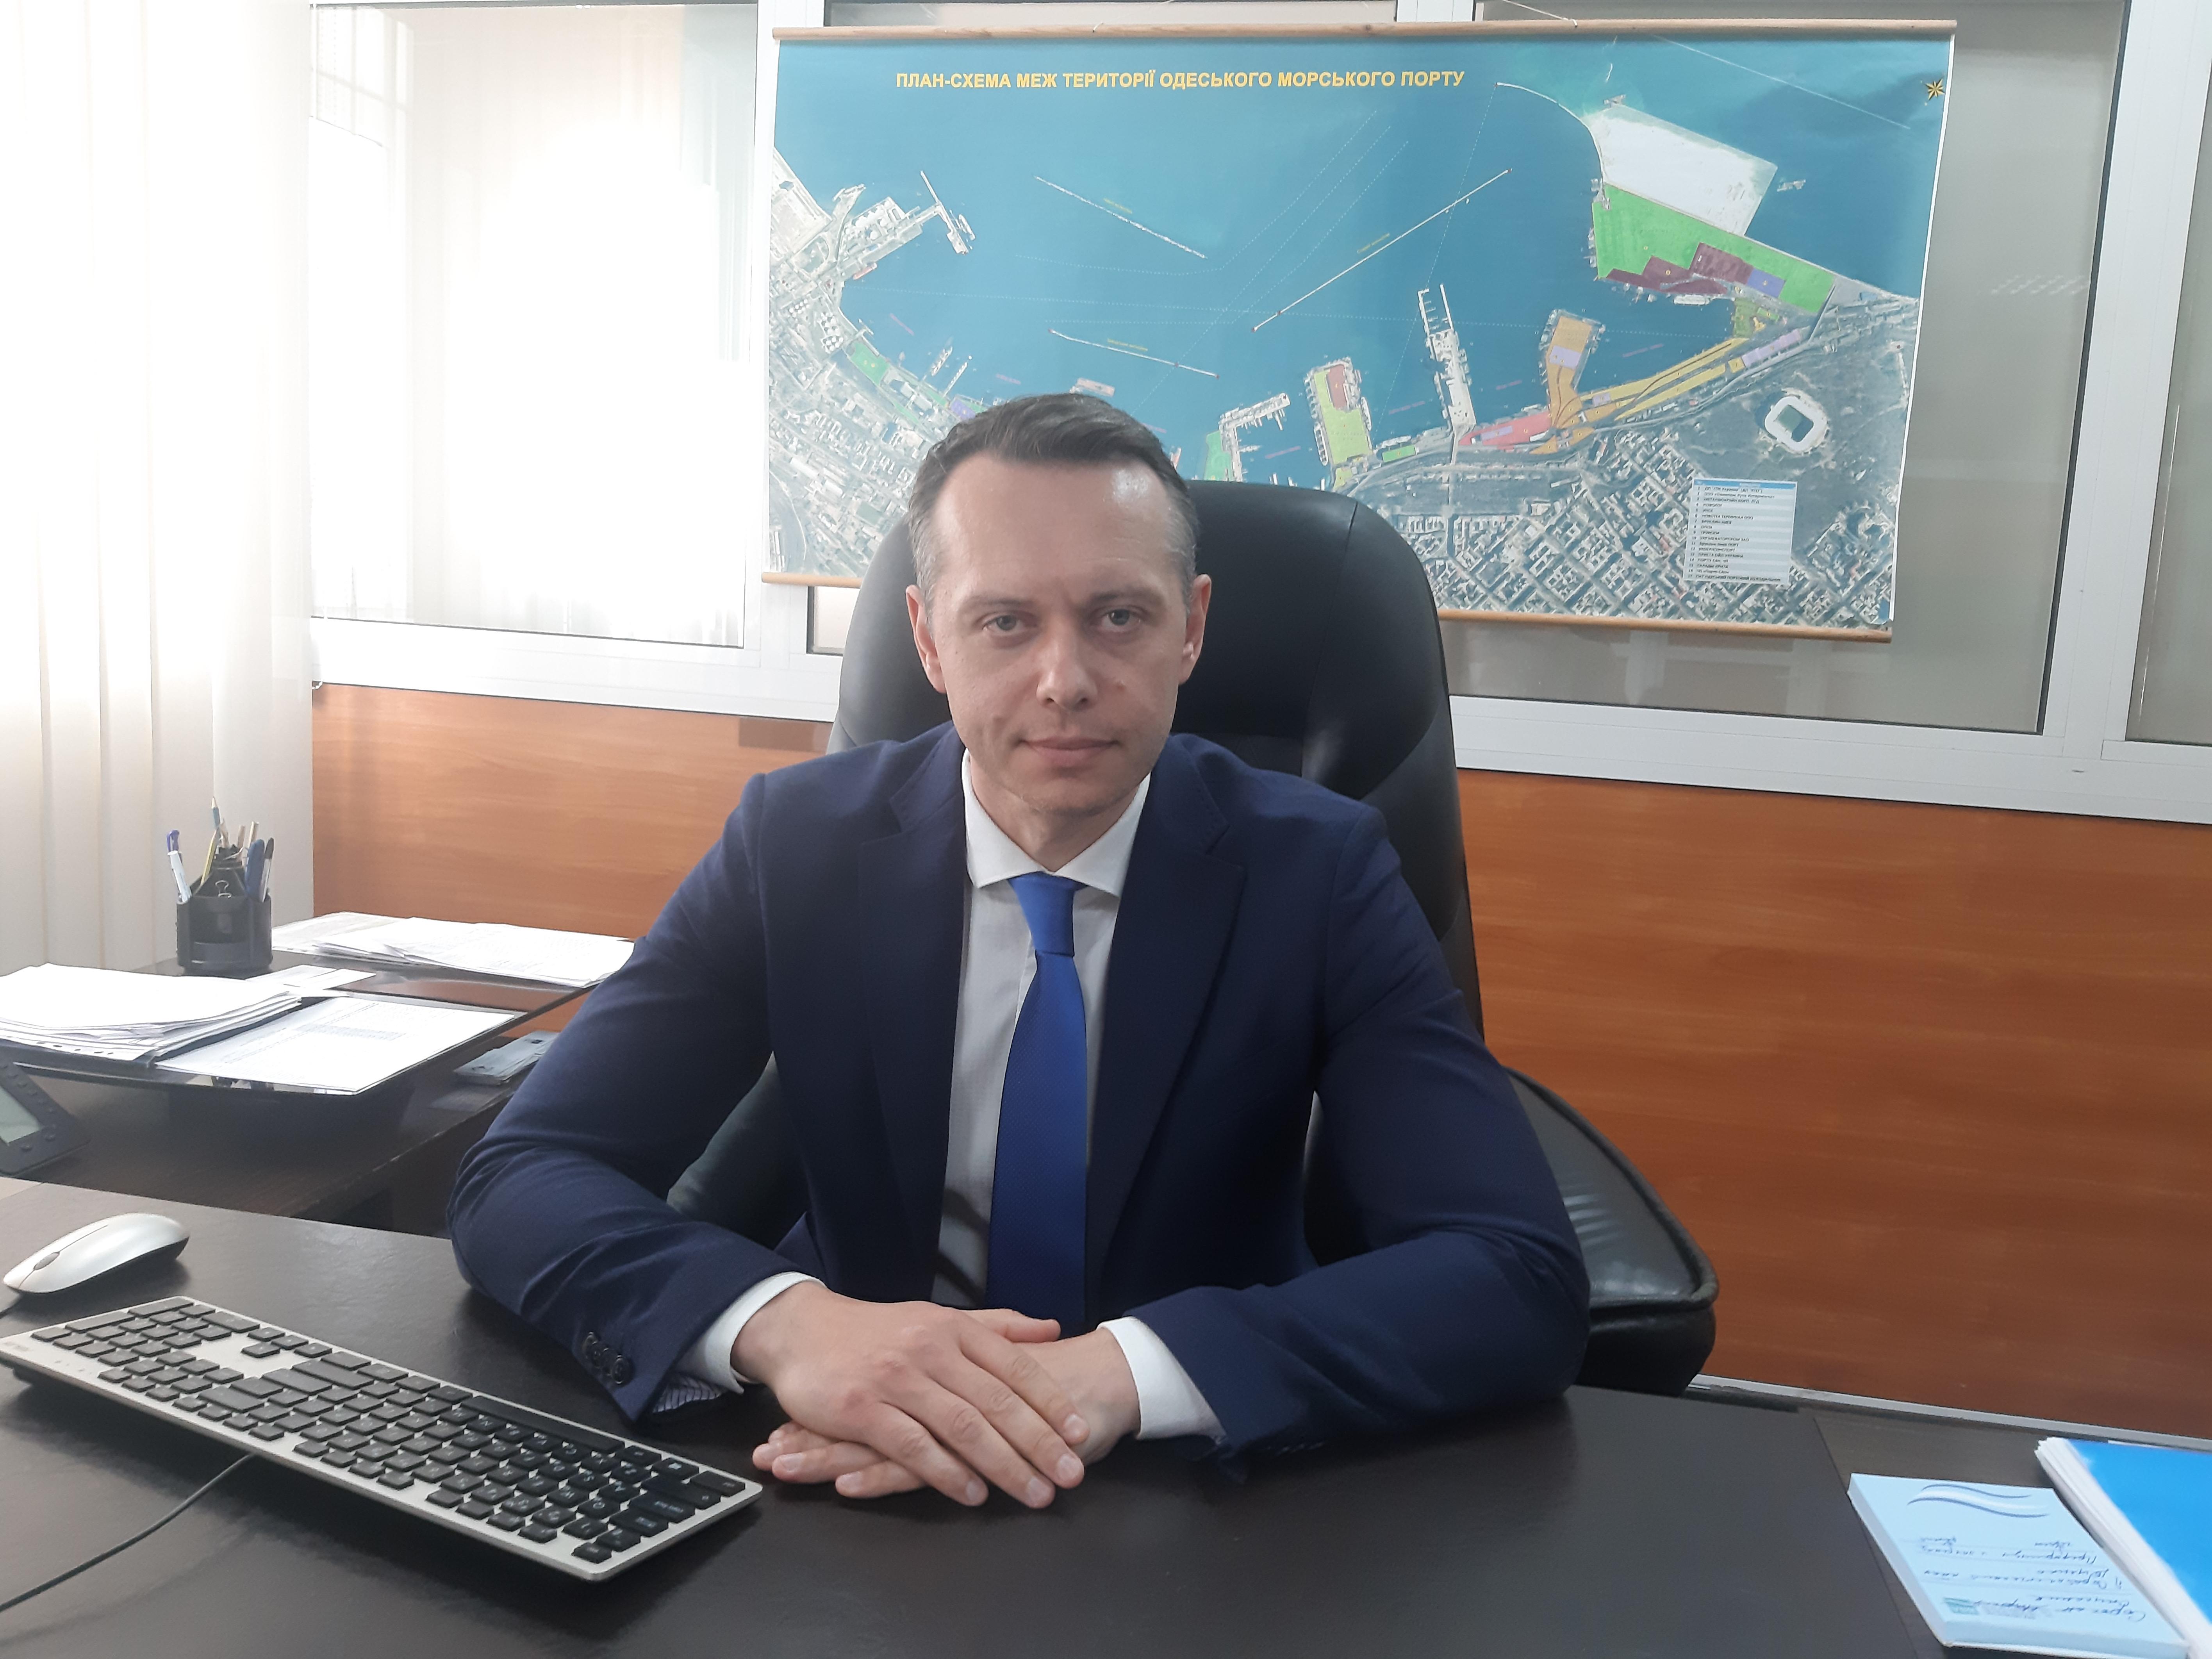 «Портофлот може бути конкурентоспроможним», - керівник ДП «Одеський порт» Олексій Мясковський